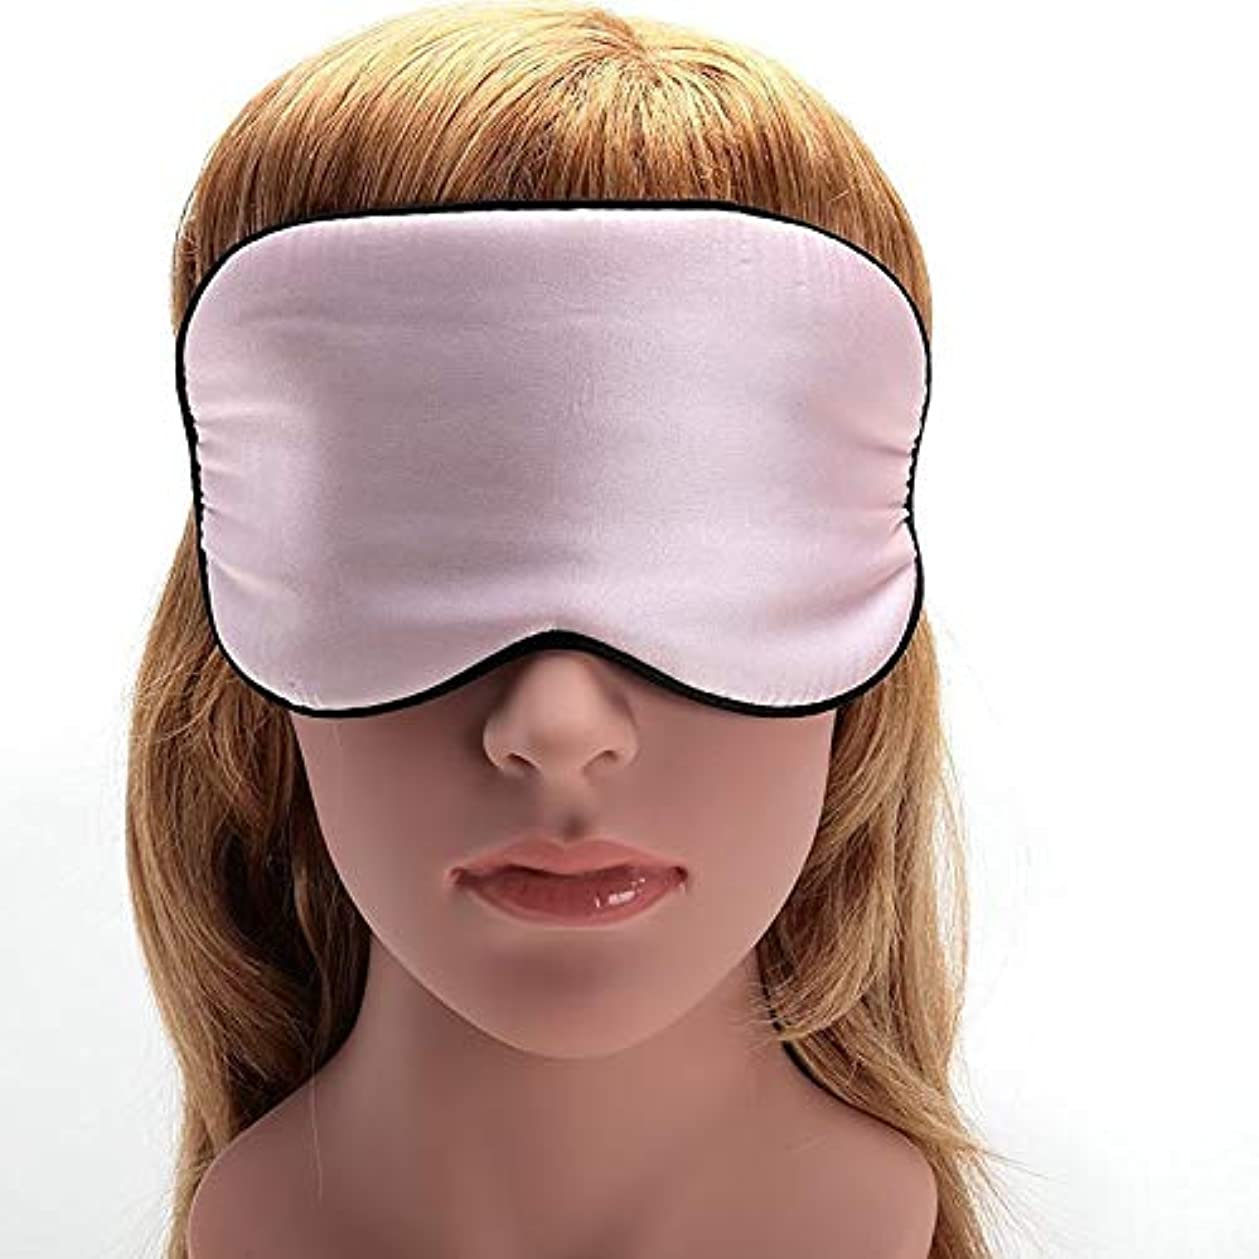 リスキーなバクテリアギャンブルメモ男性の女性の睡眠アイマスクブラックシルクアイシェード睡眠補助アイズケアゴーグルソフト快適な目隠し睡眠アイパッチ